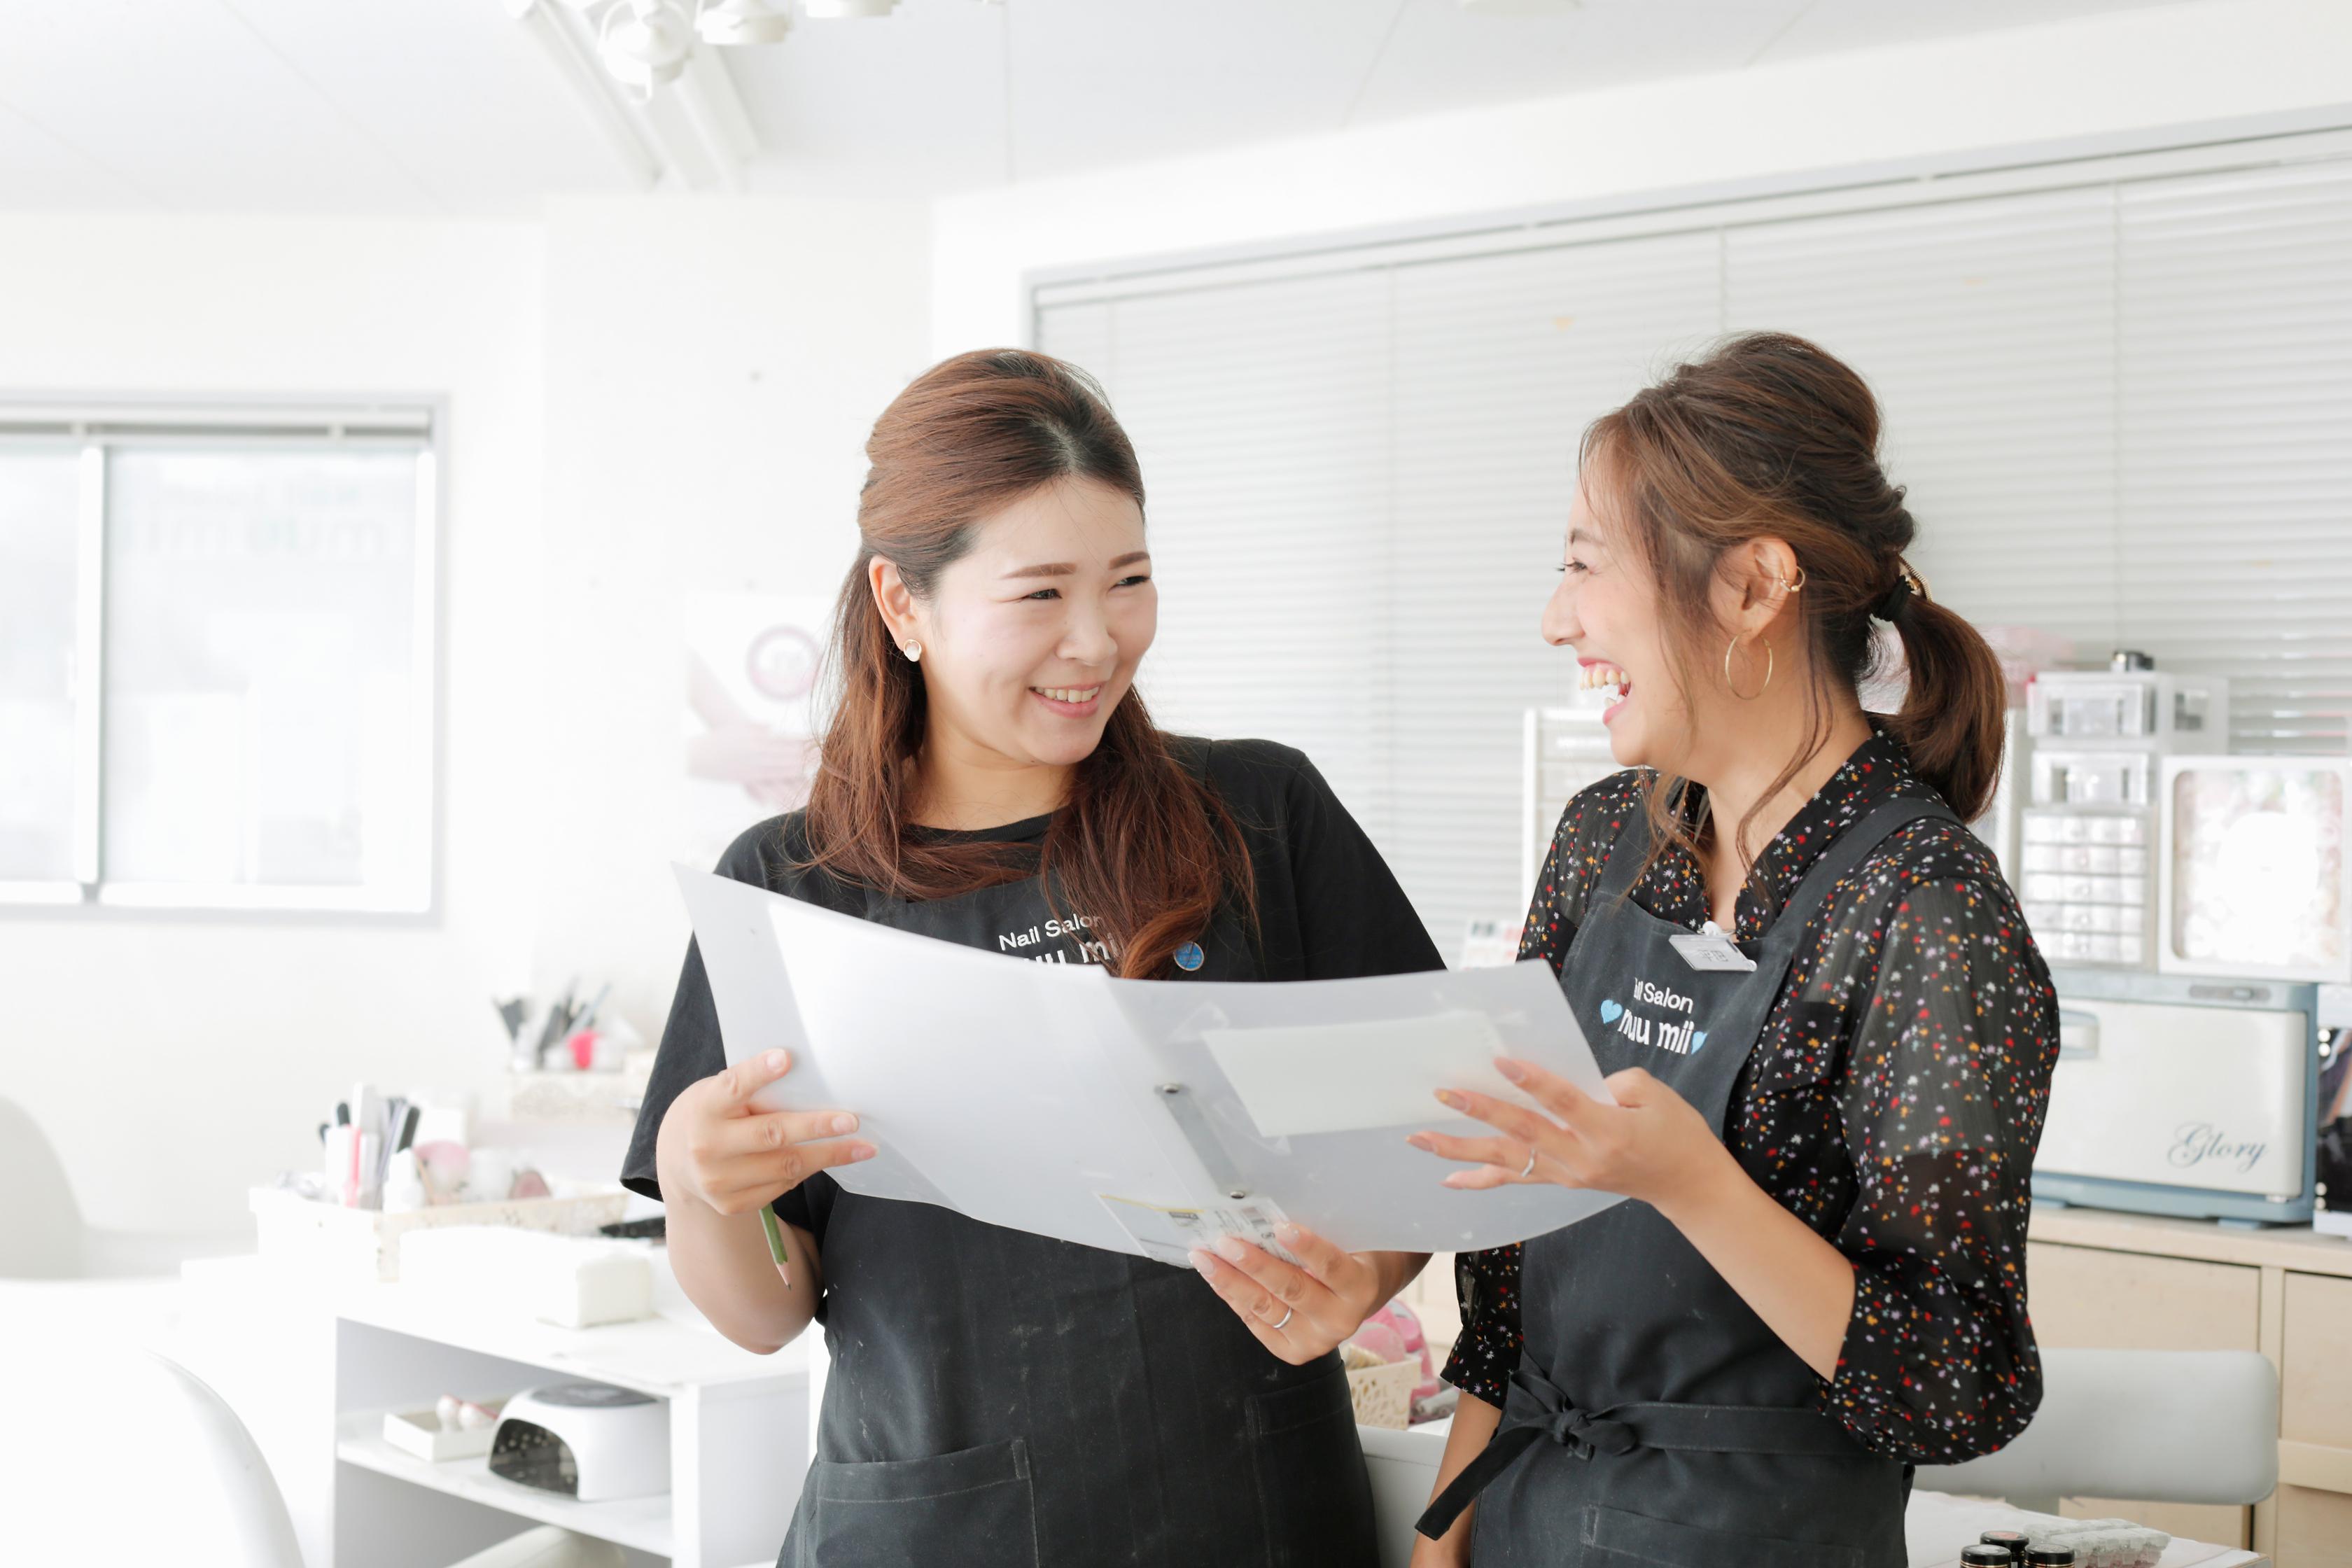 「予約が入っていなければ、当日に早上がりさせてもらうこともできて助かっています」とママネイリストの平田さん(写真右)